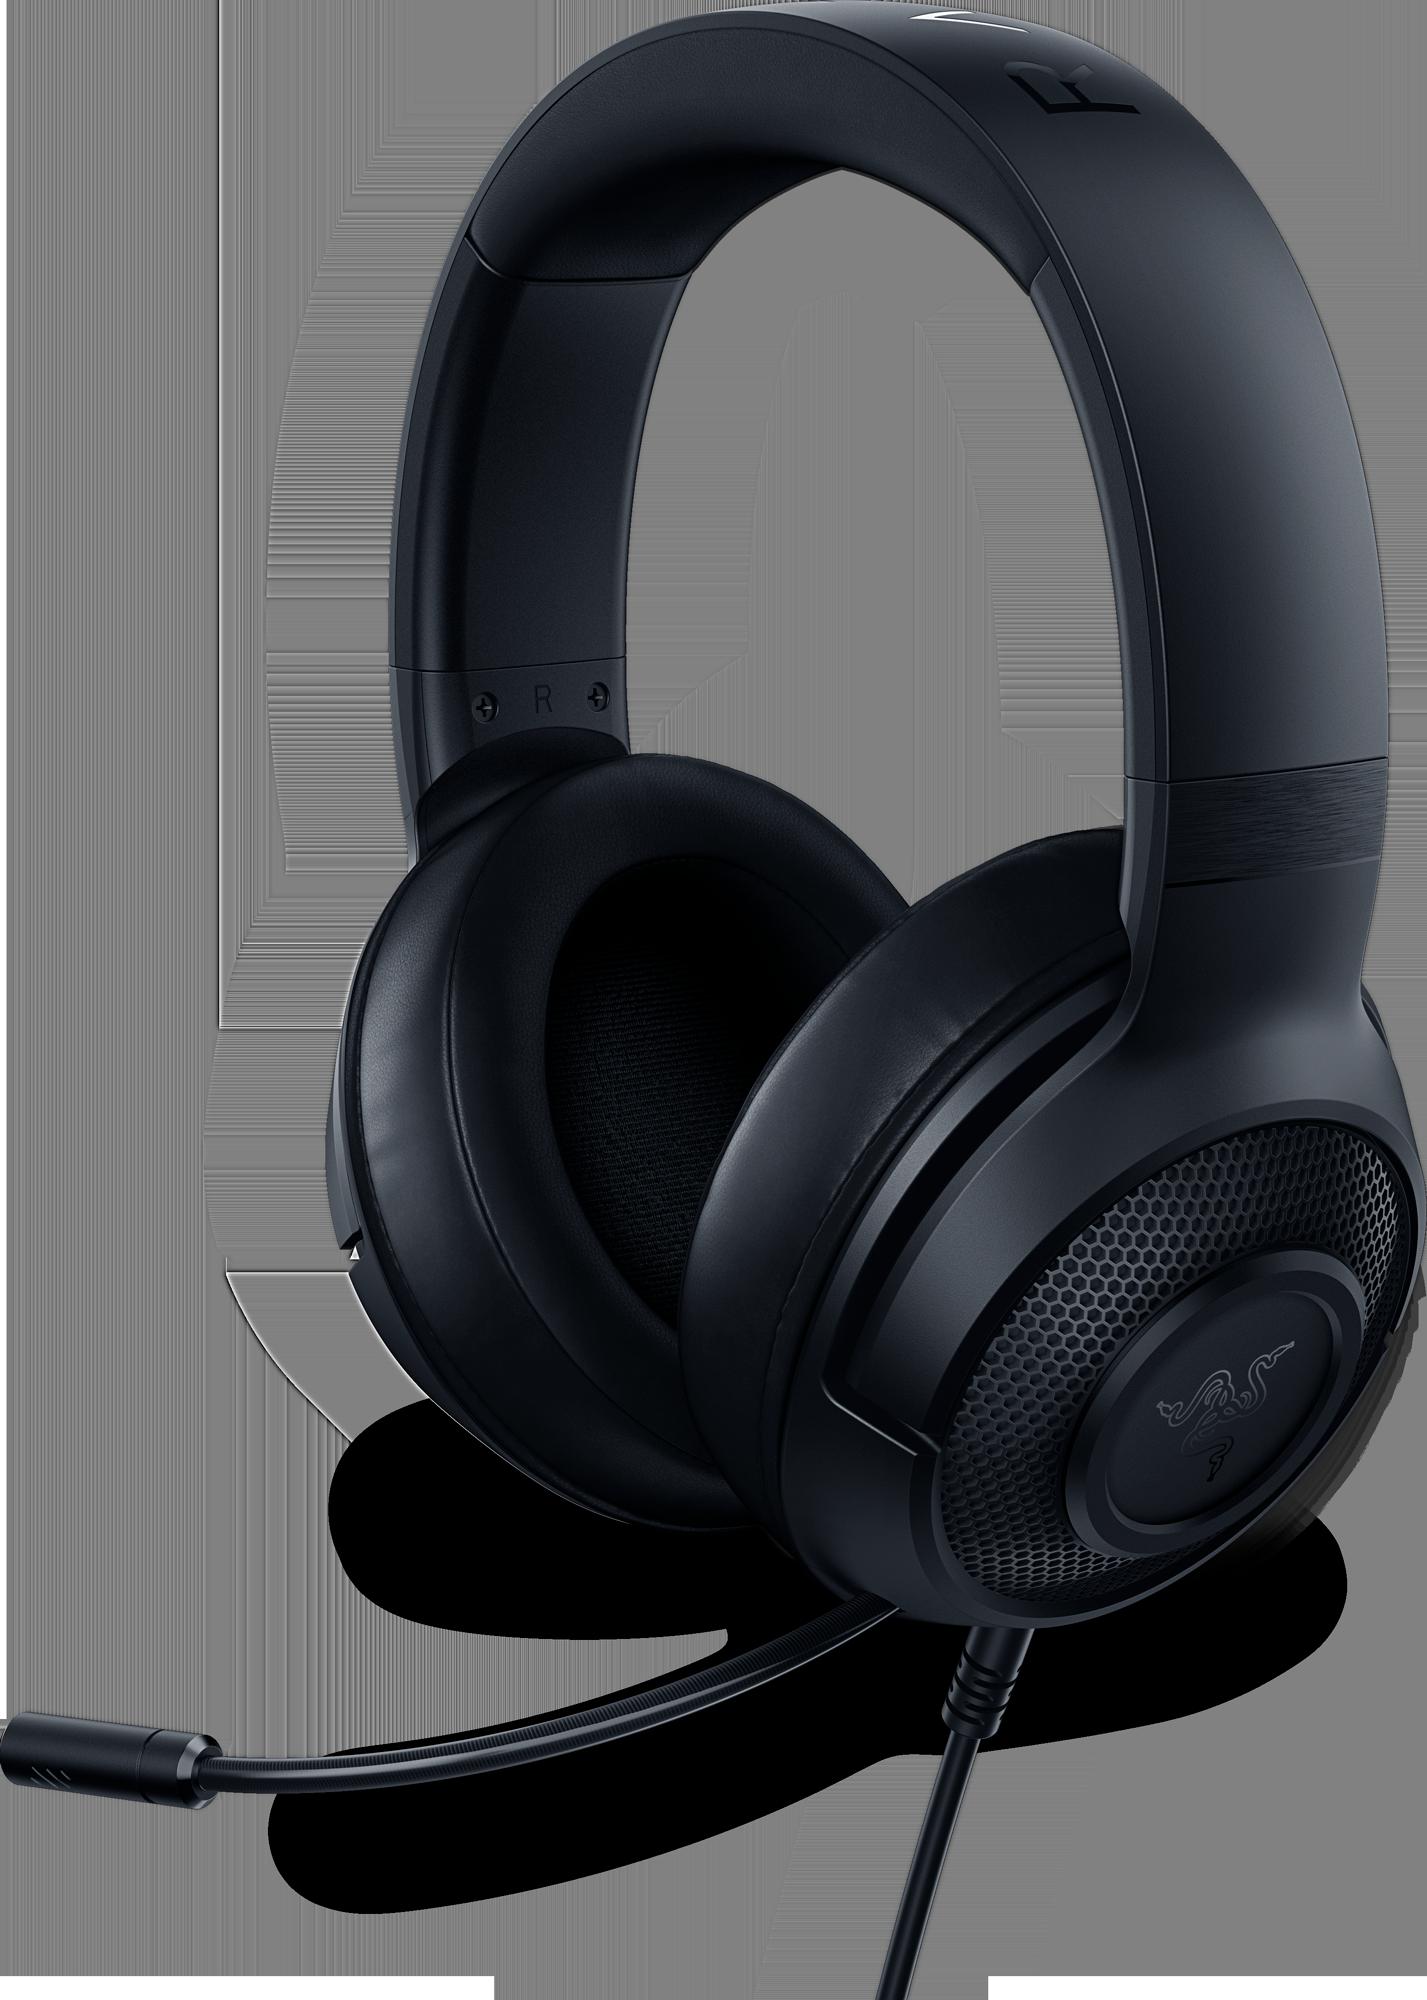 Image of Razer Kraken X Multi-Platform Wired Gaming Headset